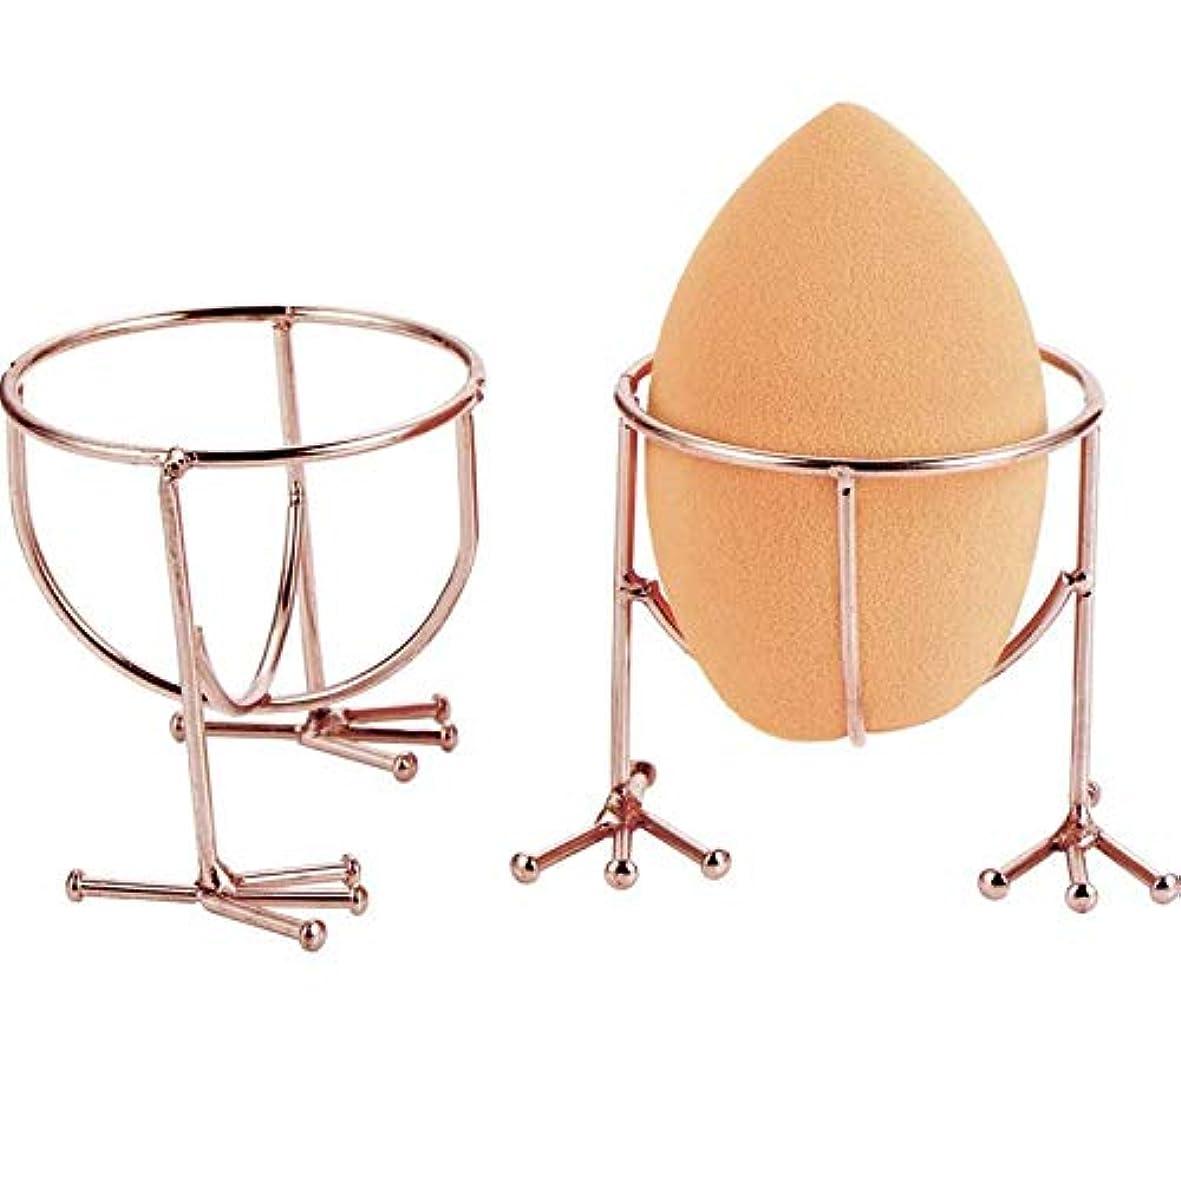 実施する振幅ファッションGaoominy 化粧スポンジホルダー卵スポンジスタンドパフ陳列スタンドドライヤーラック化粧スポンジサポート(スポンジは含まれていません)、2個、ローズゴールド